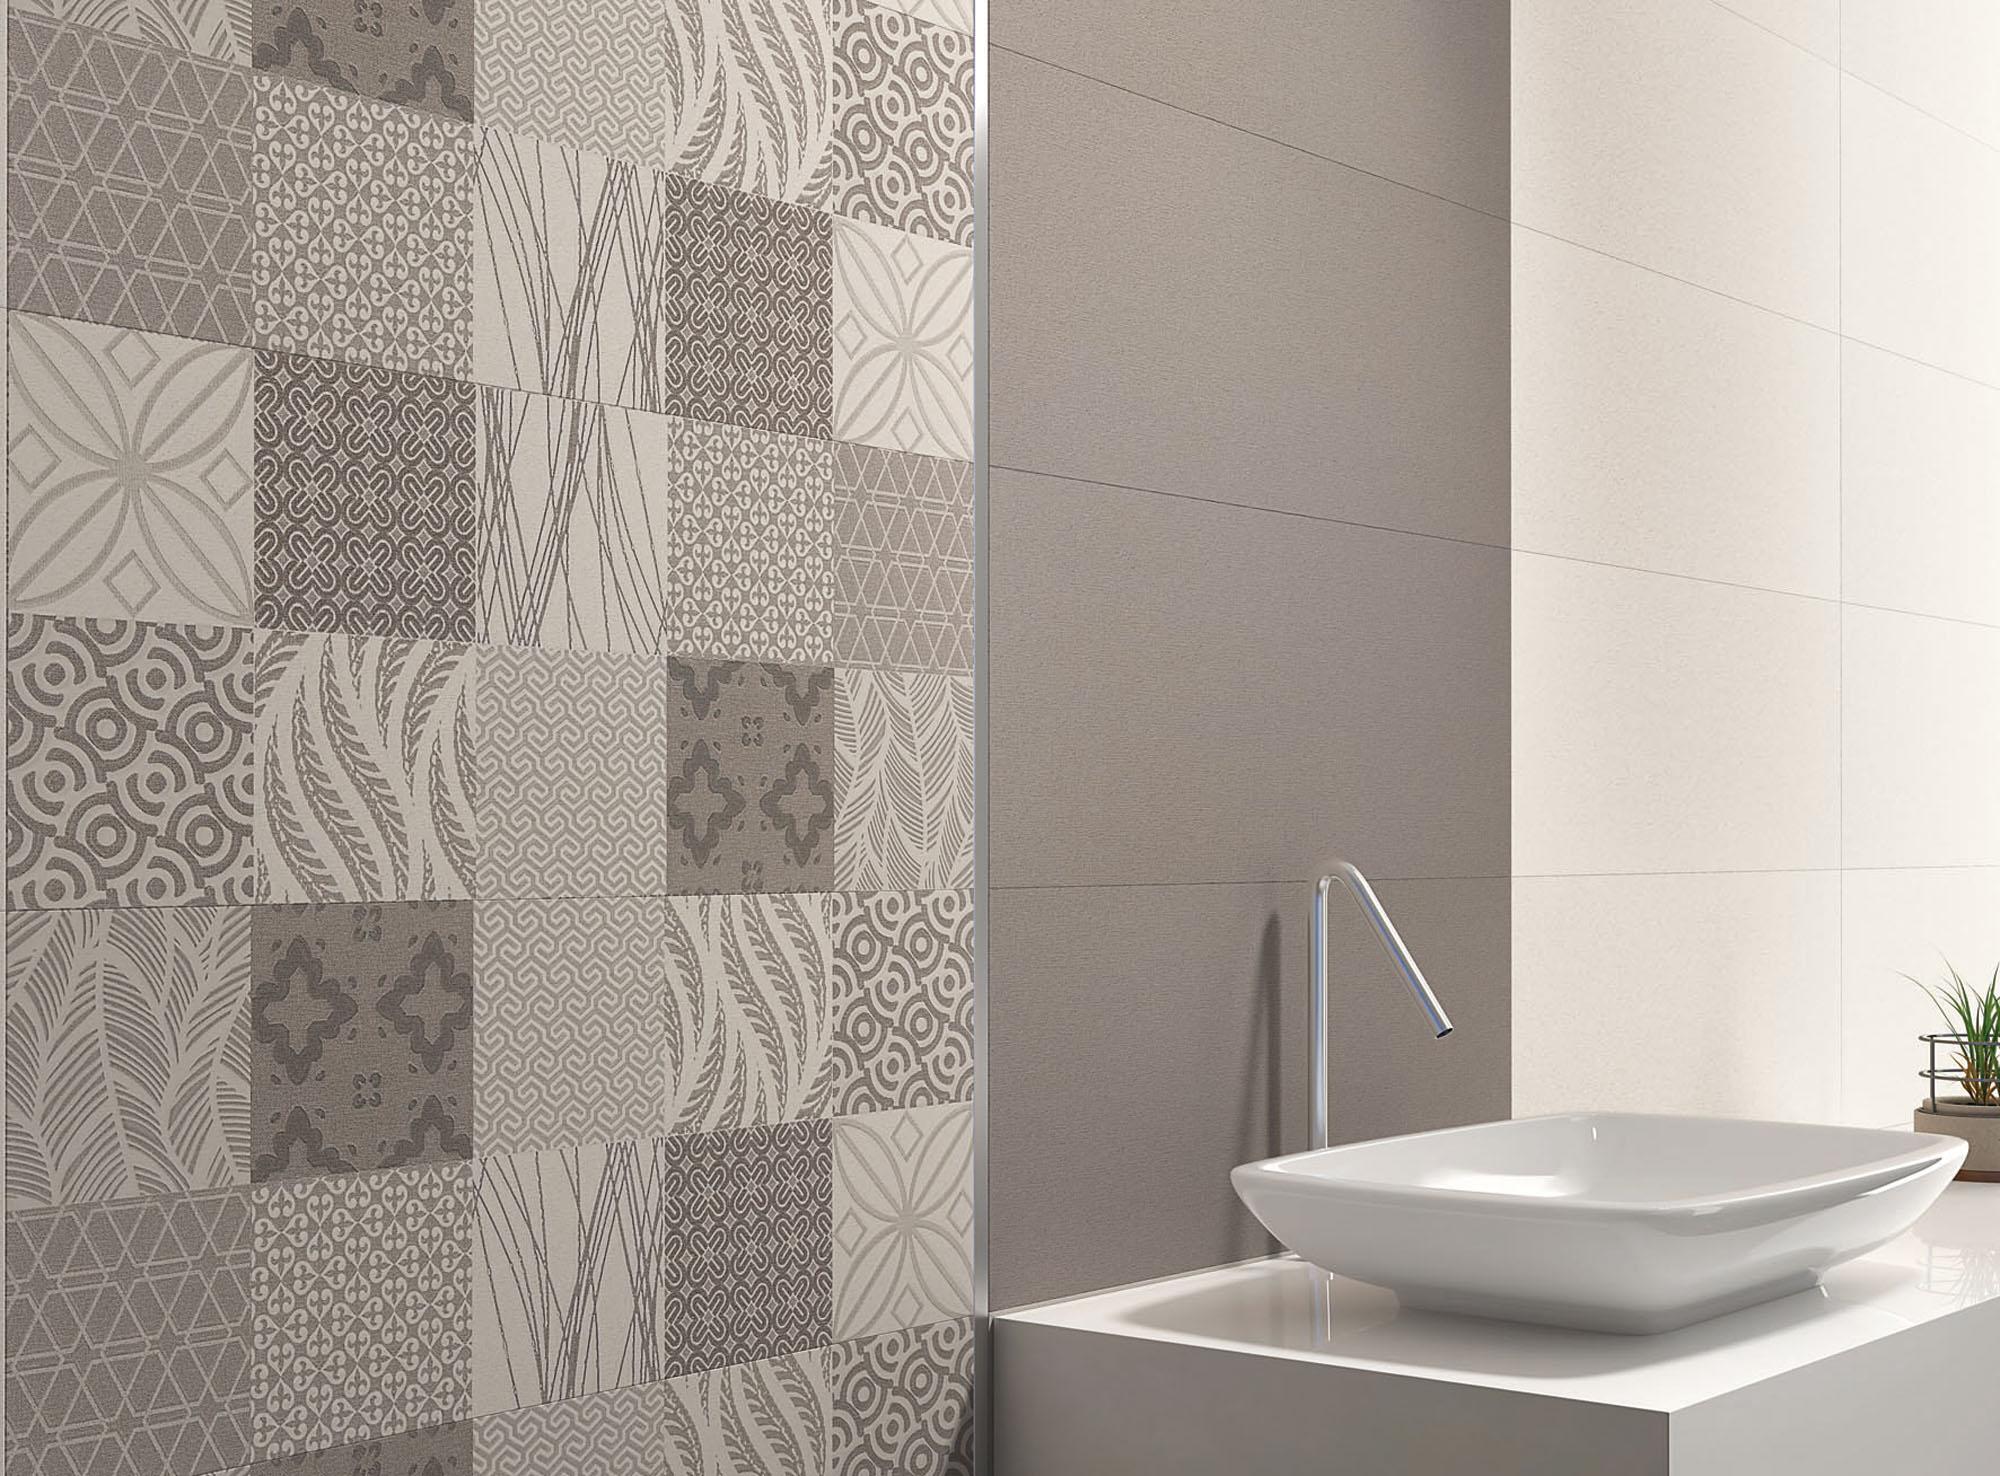 badezimmer einrichtungen und accessoires jetzt bei bad fliesen k chen. Black Bedroom Furniture Sets. Home Design Ideas